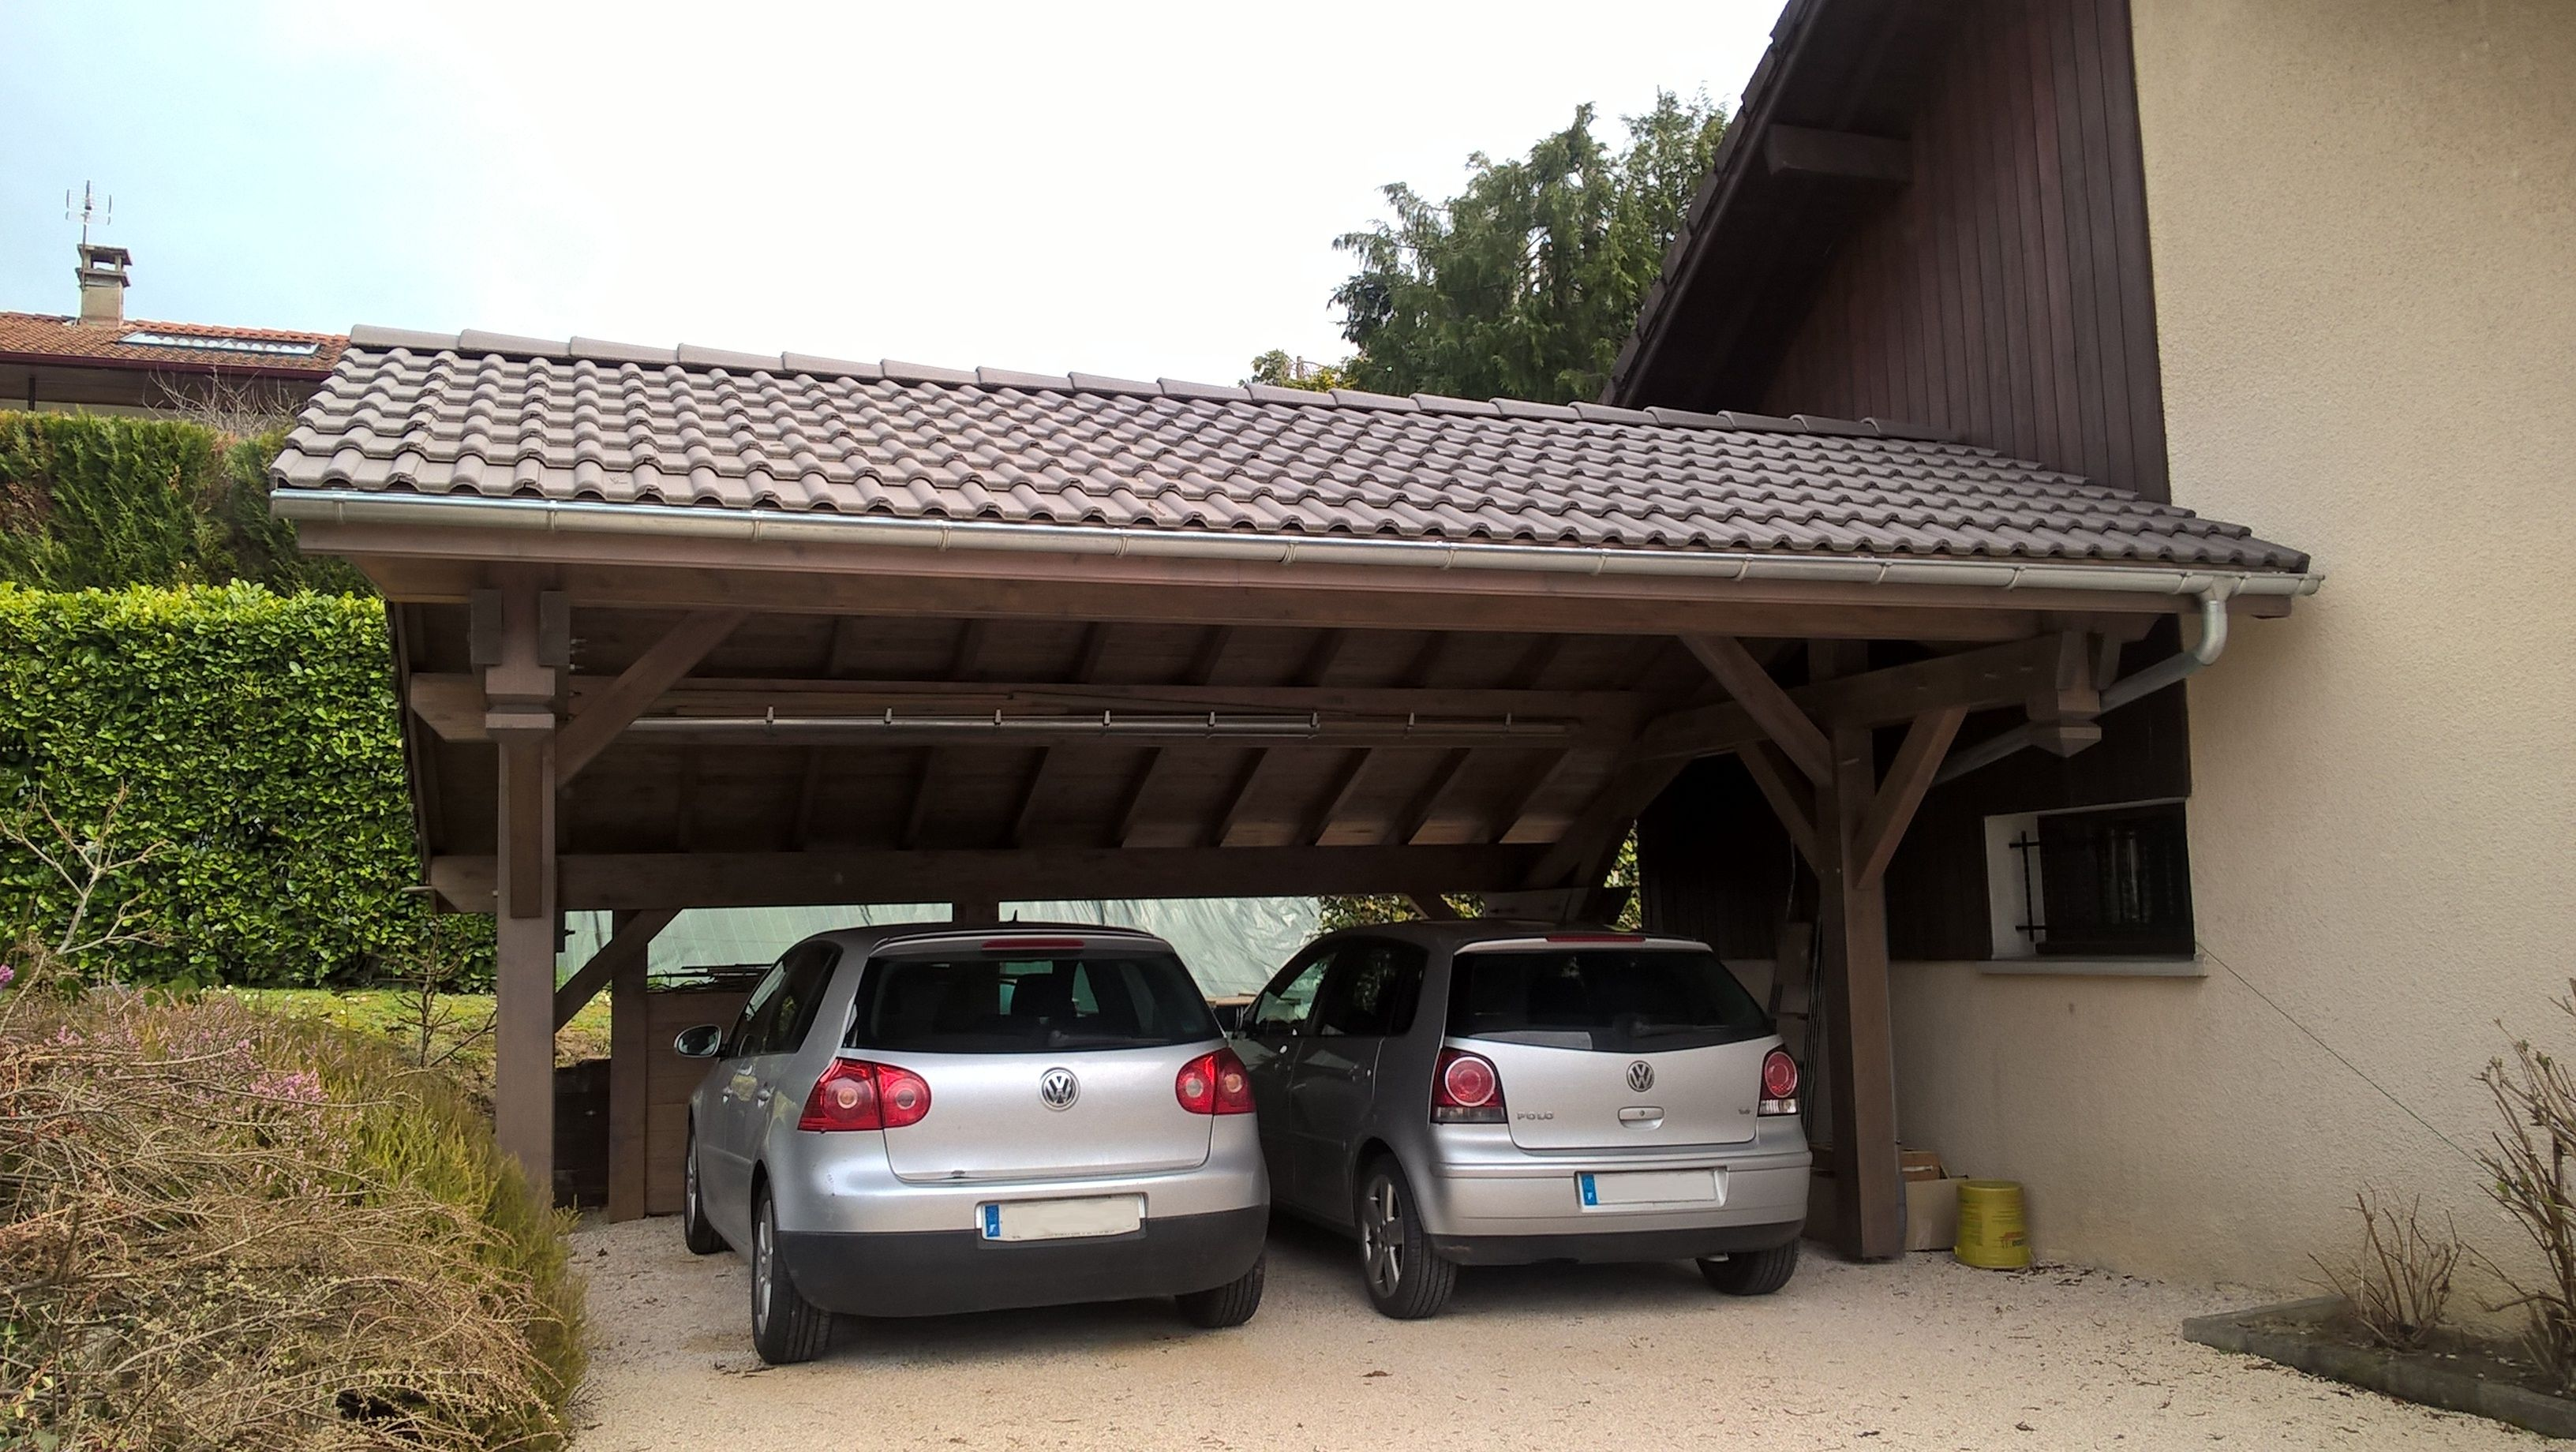 Carport en bois avec toiture Paysagiste, Carport bois